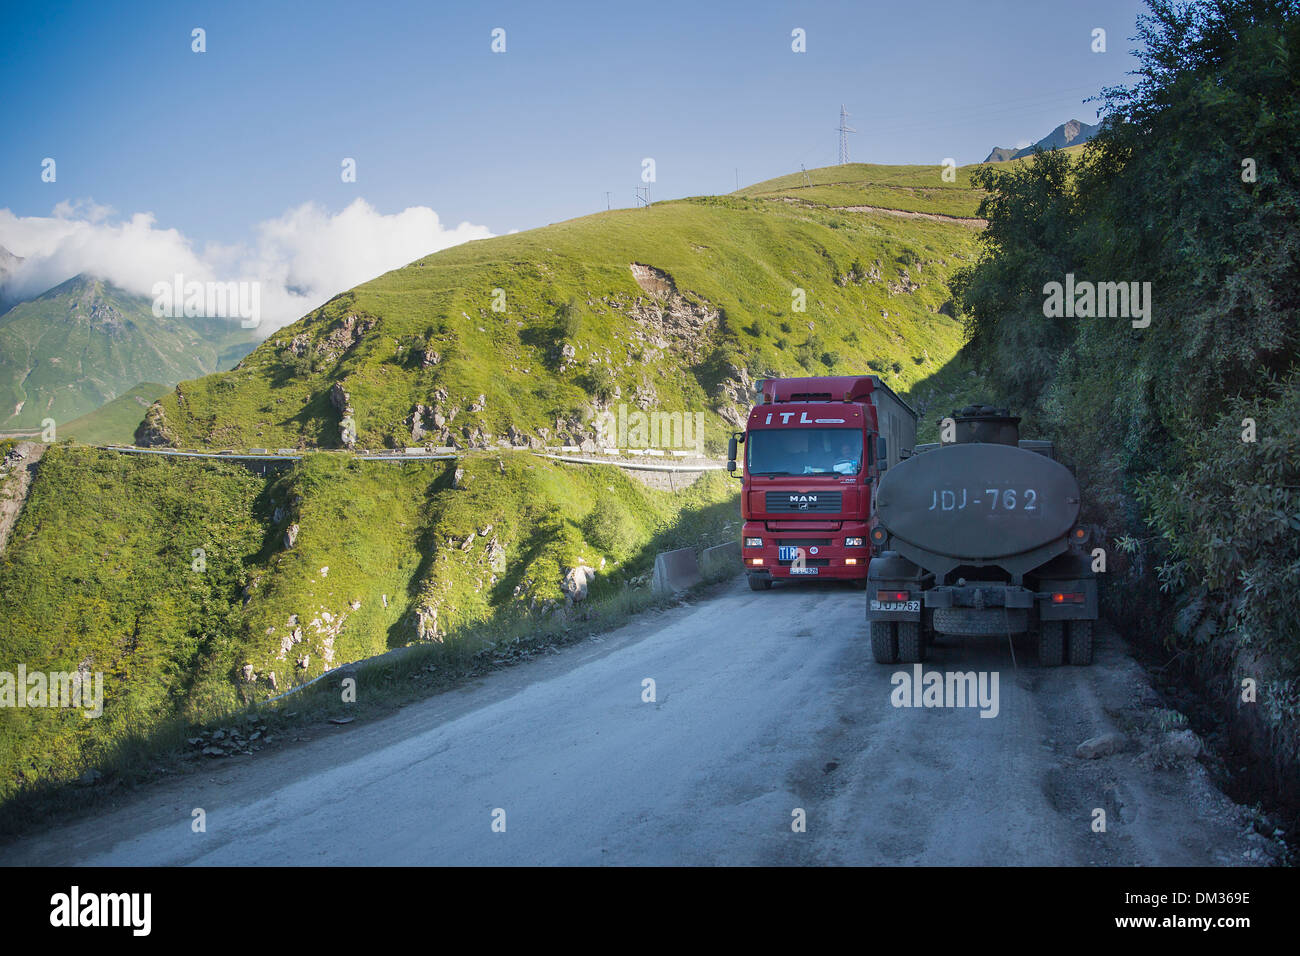 Canyon Aragvi Gudauri Caucaso pericoloso Georgia Caucaso Eurasia mattina montagne gamma stradale il traffico della valle i carrelli passano su strada Immagini Stock